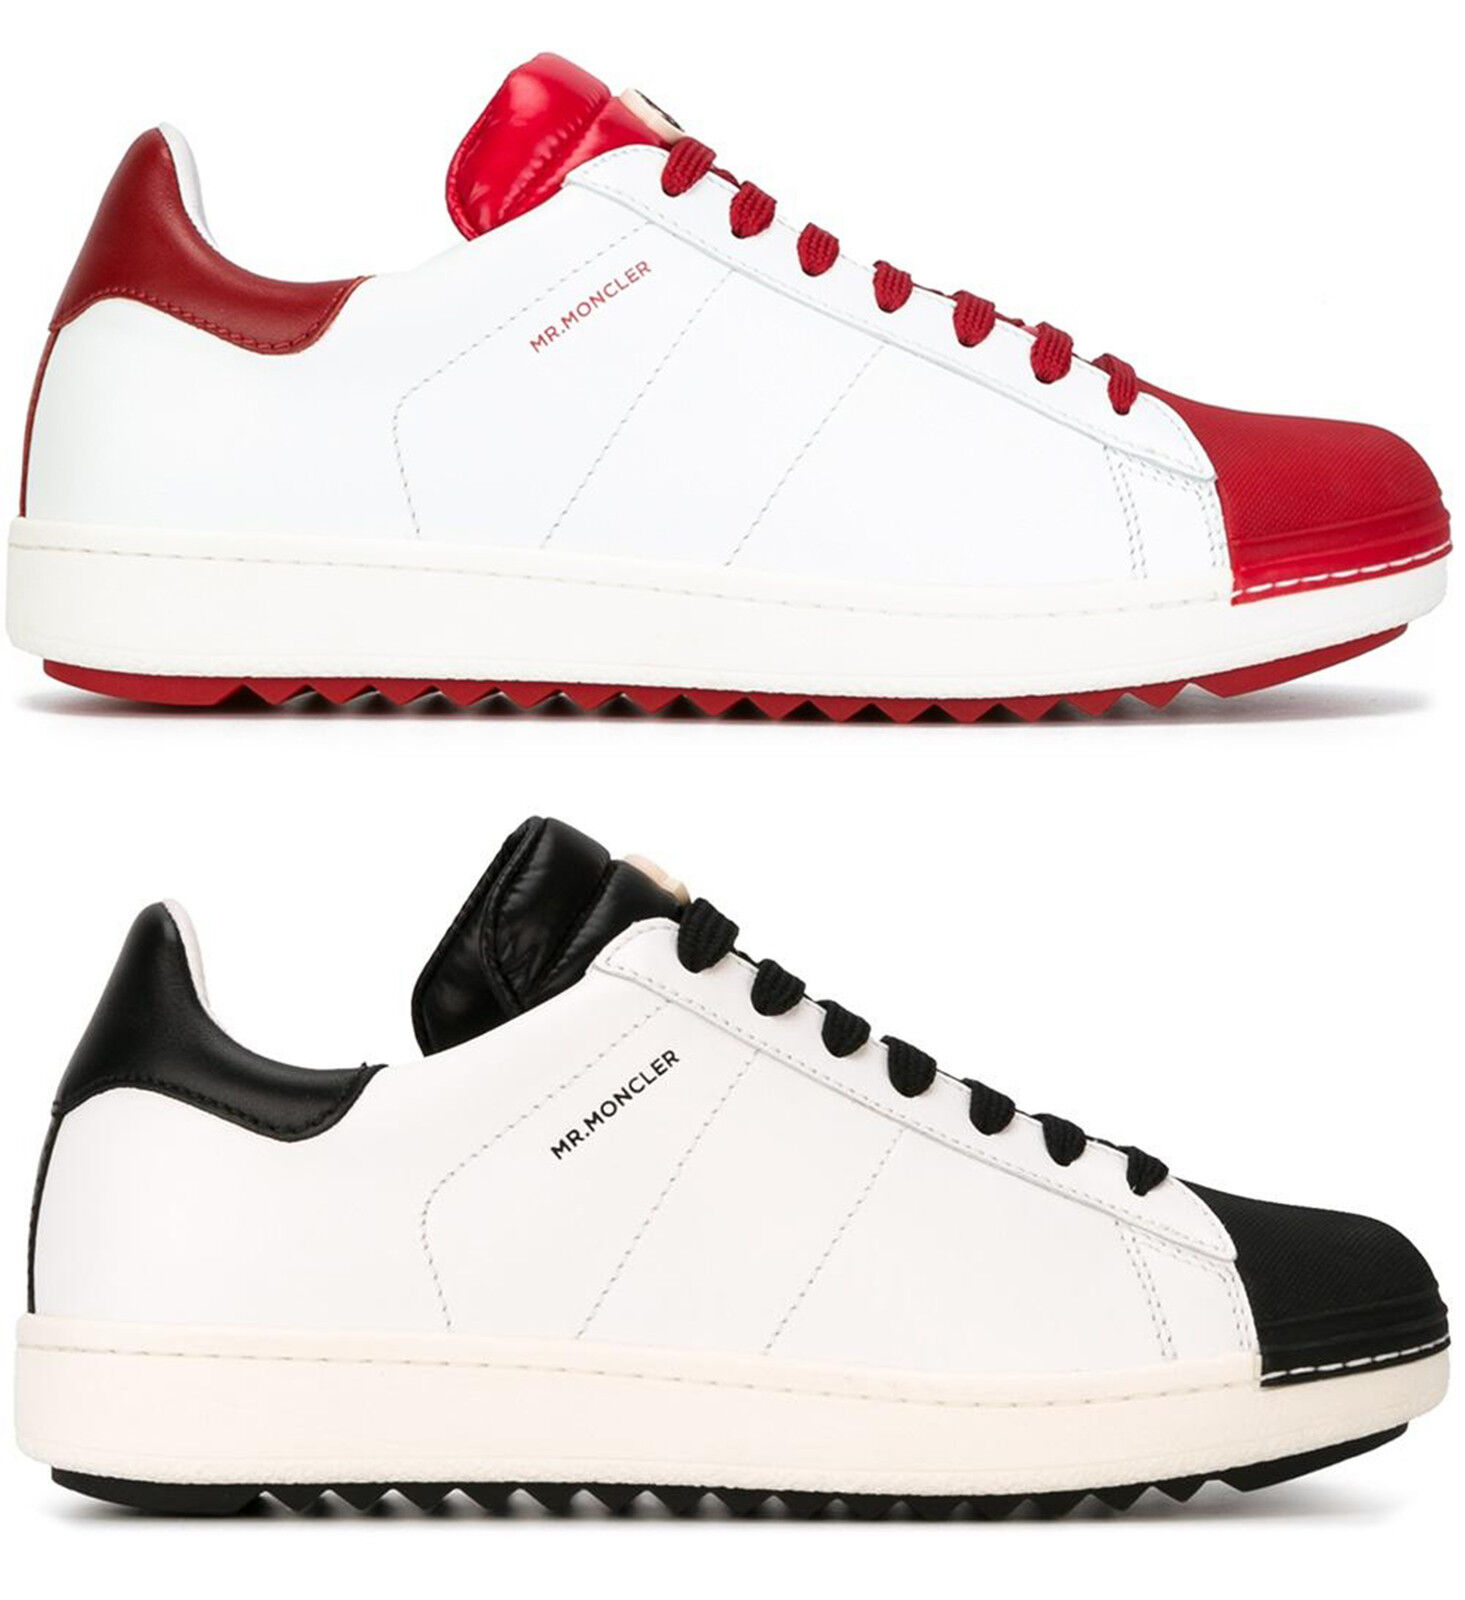 MONCLER SNEAKERS Joachim 320 Men HERRENSHUHE shoes 100%AUT nbw16DE